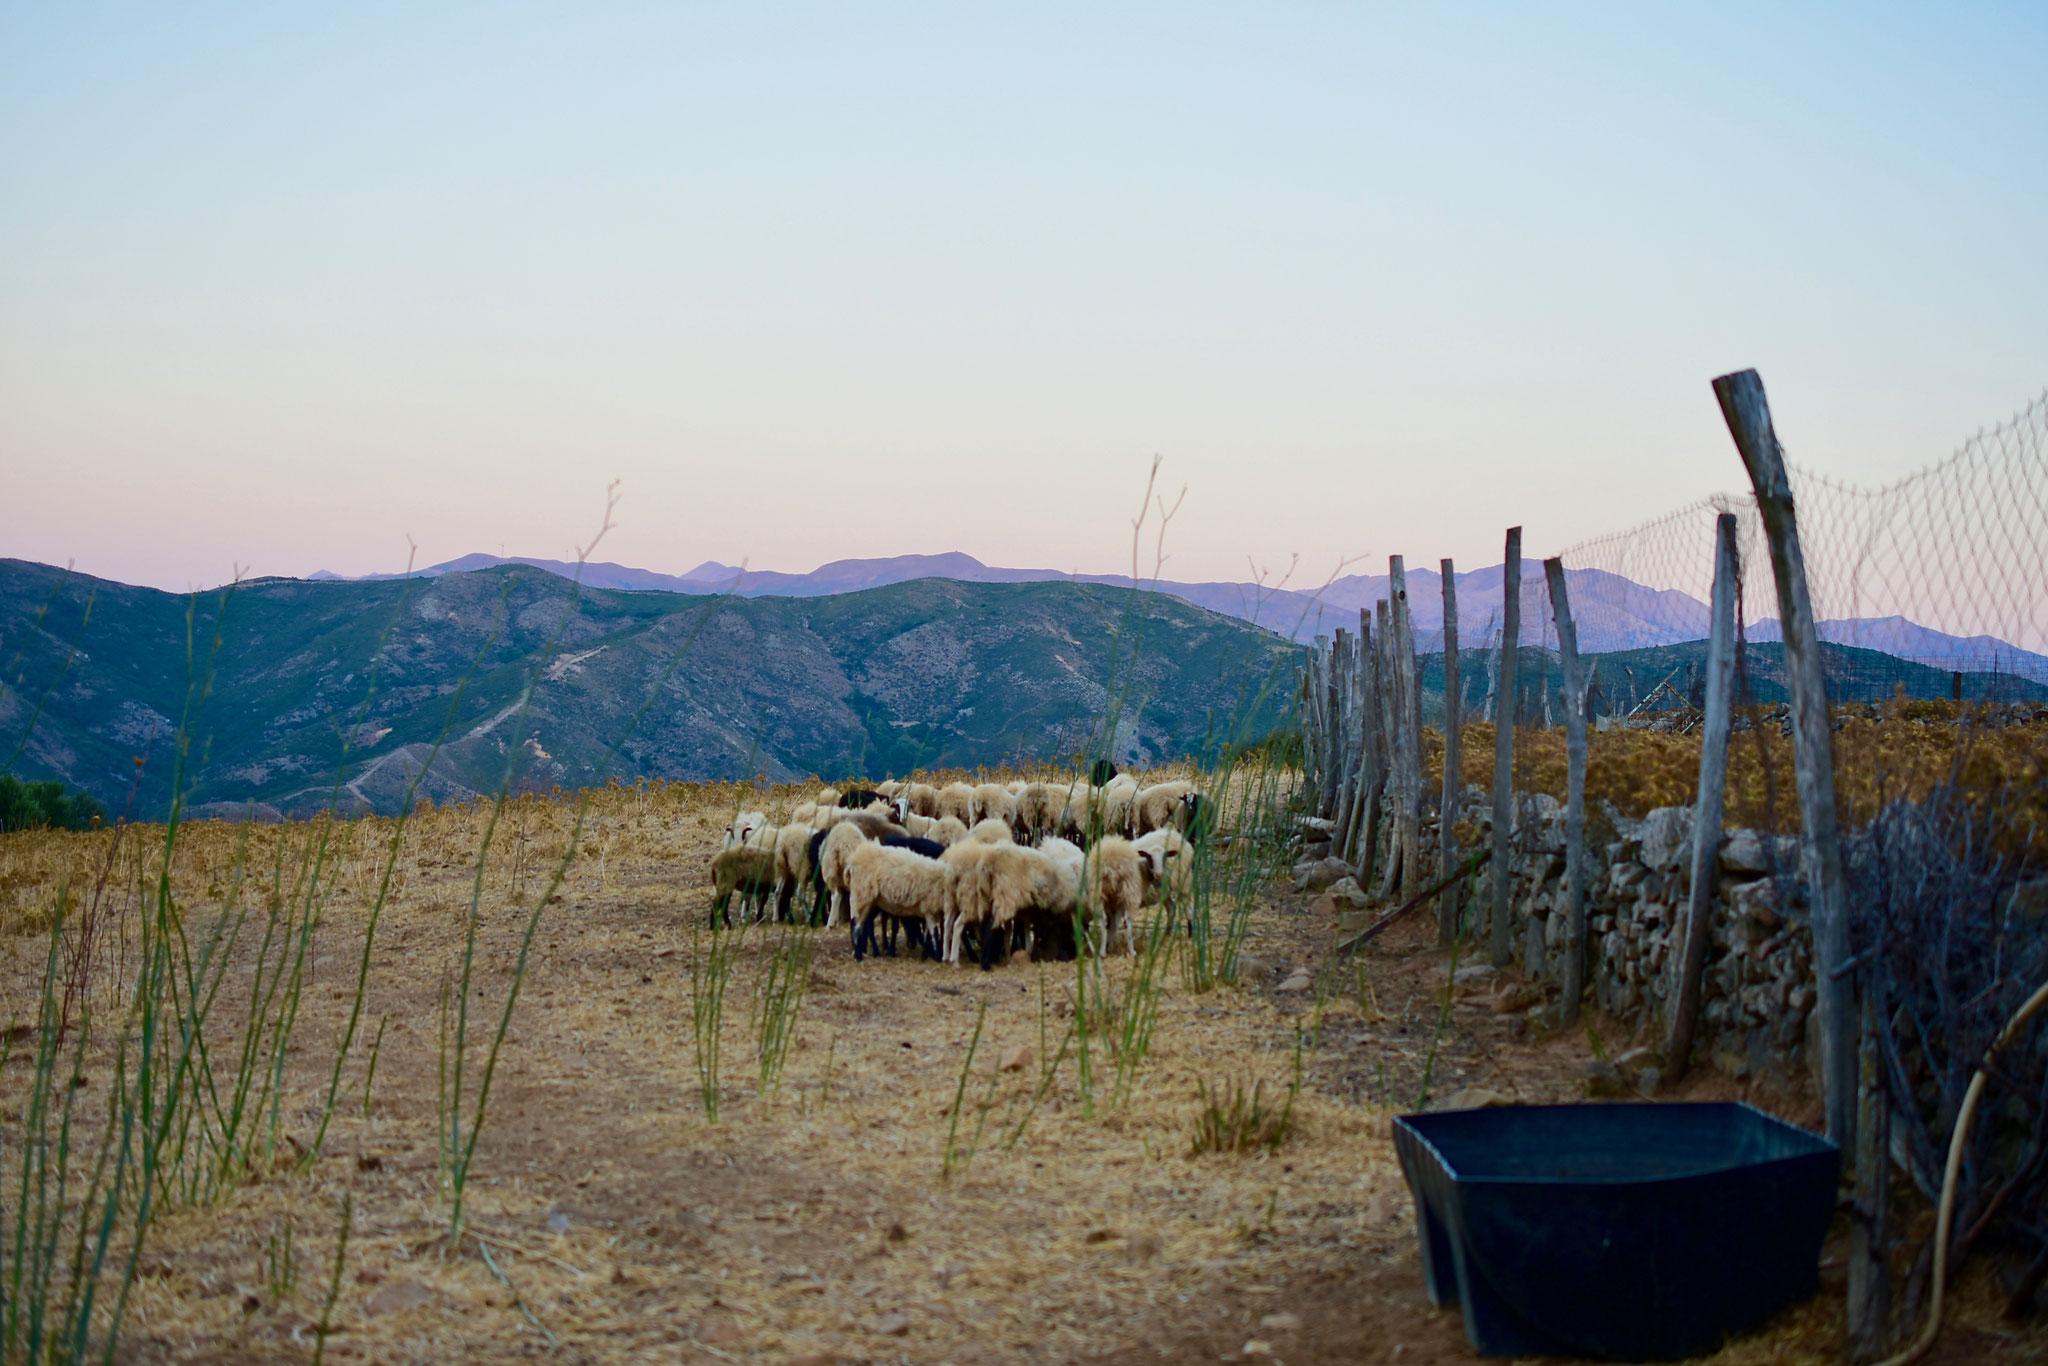 頻繁にみかけた山羊の放牧。頭数からして、超小規模生産である。